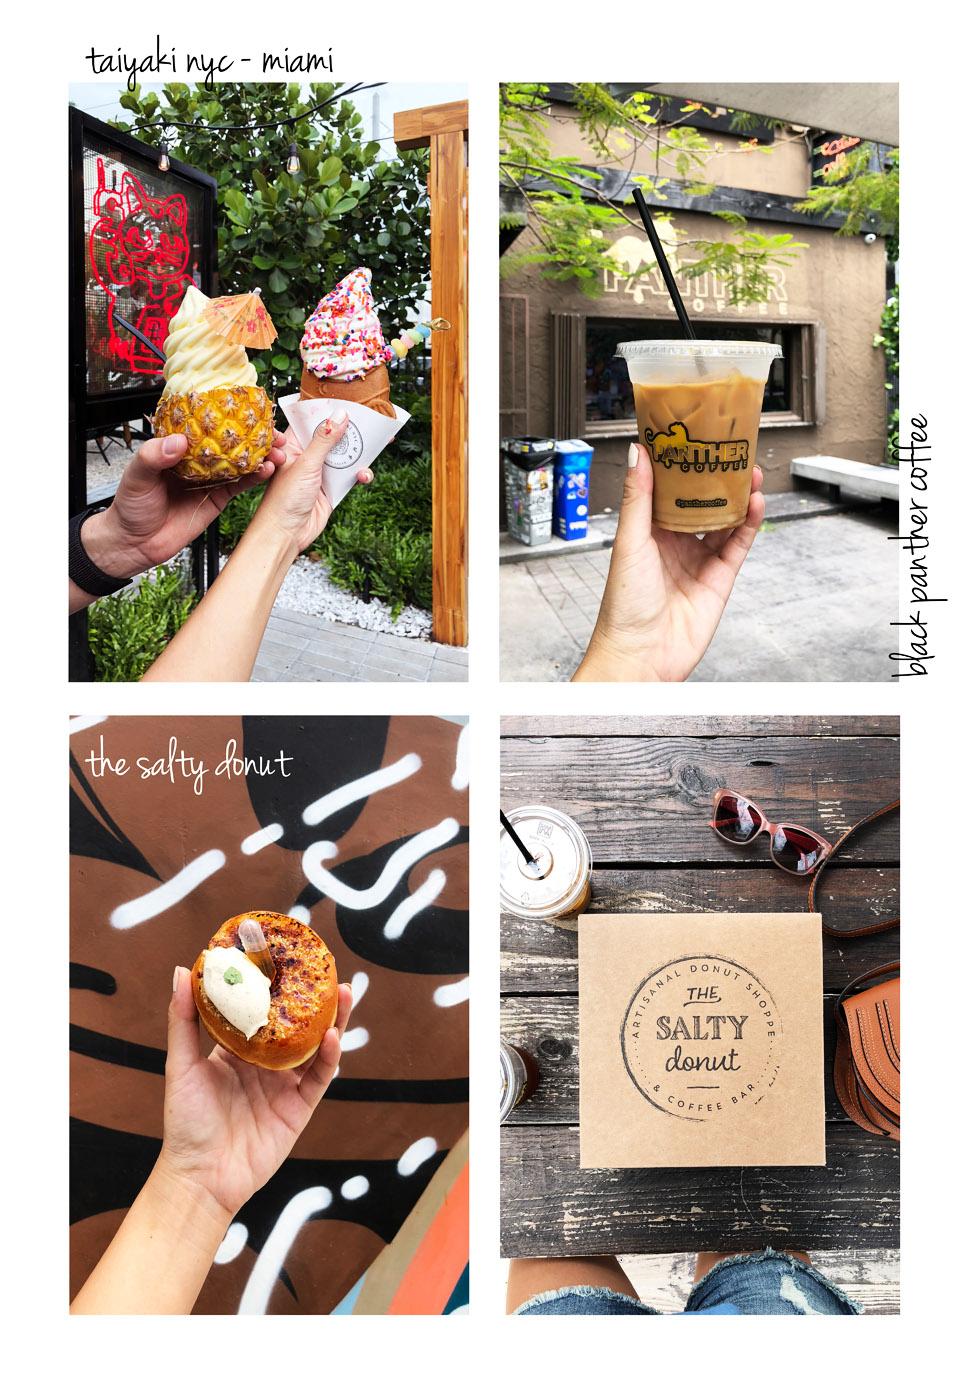 Miami Sweet Eats Taiyaki, café panthère et le beignet salé